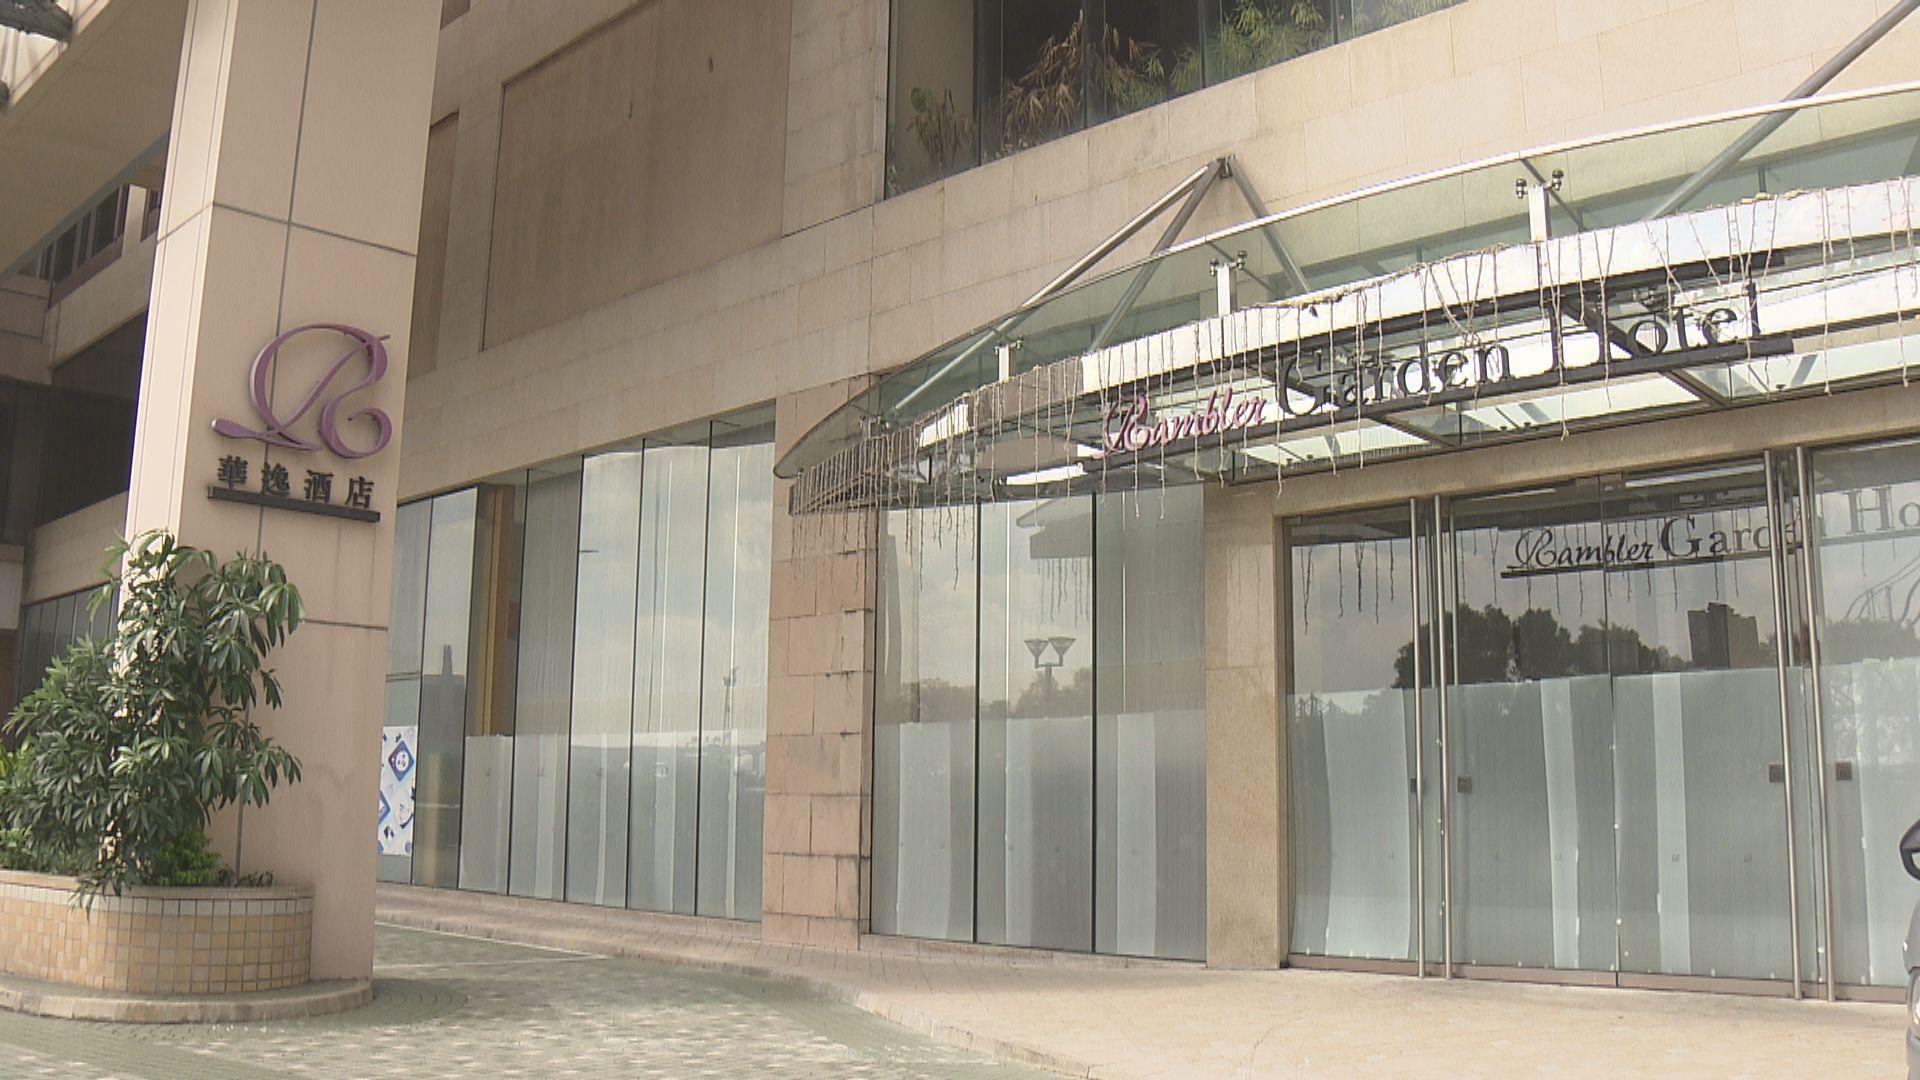 青衣華逸酒店外傭檢疫房間即日起可預約  至一月底已近爆滿